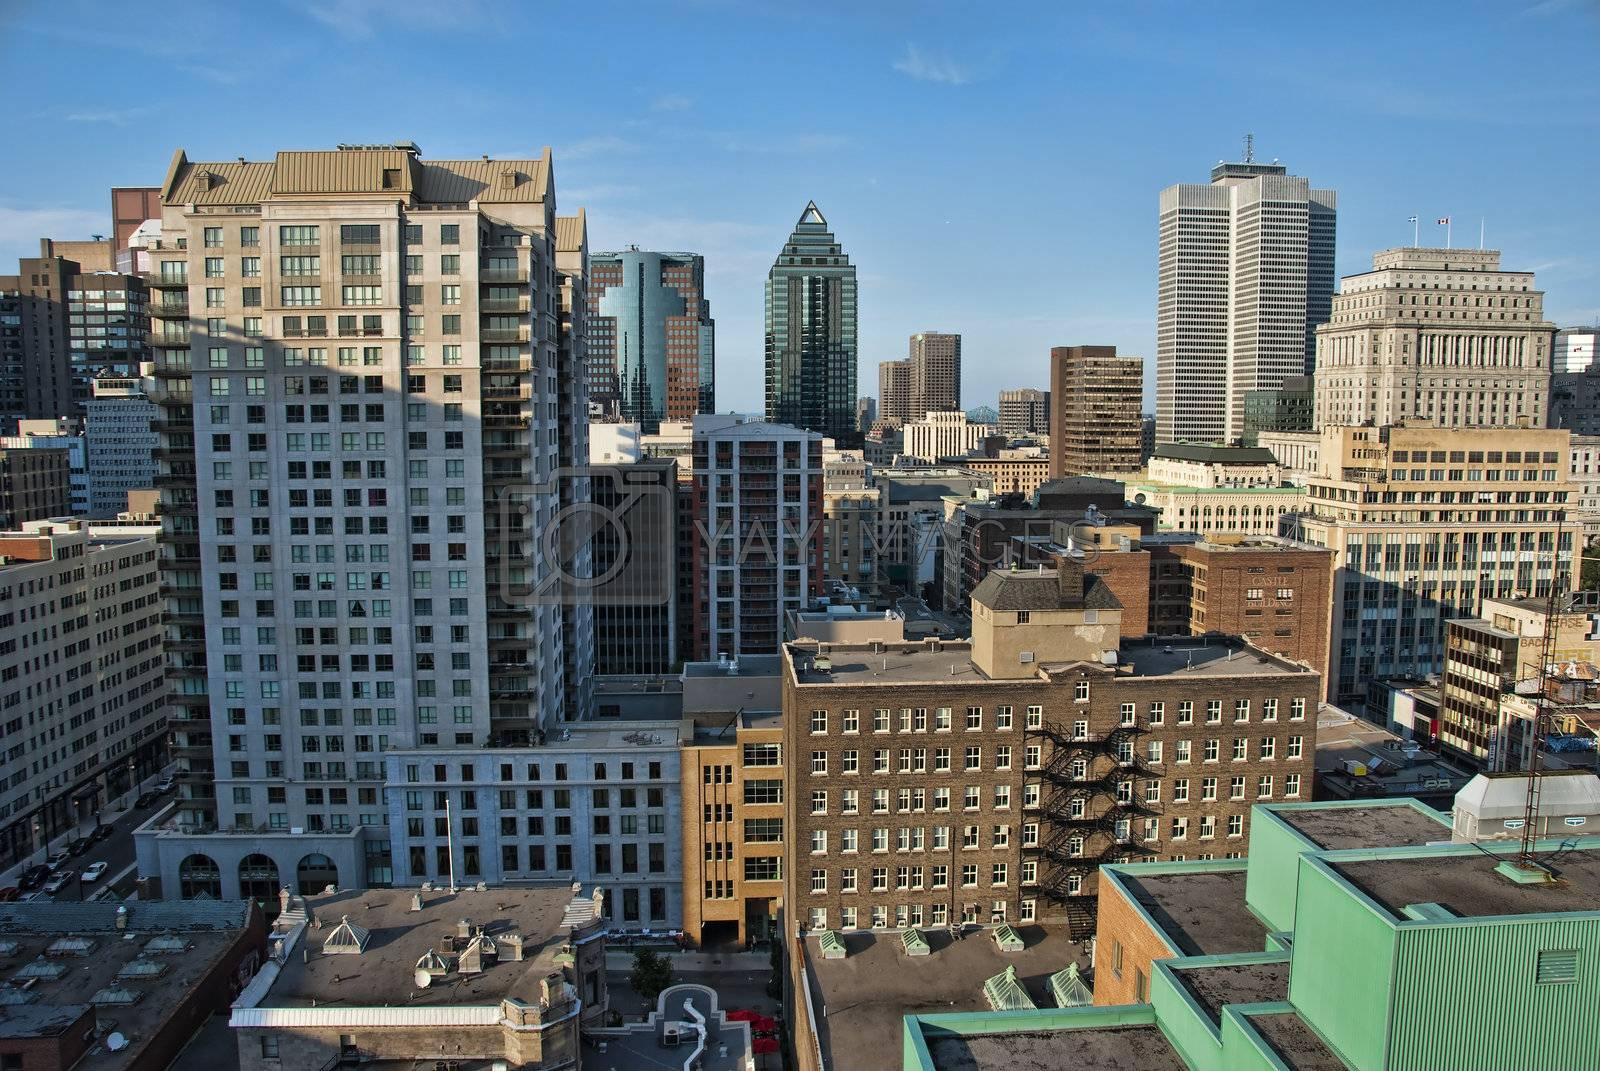 Montreal, Quebec, Canada by jovannig